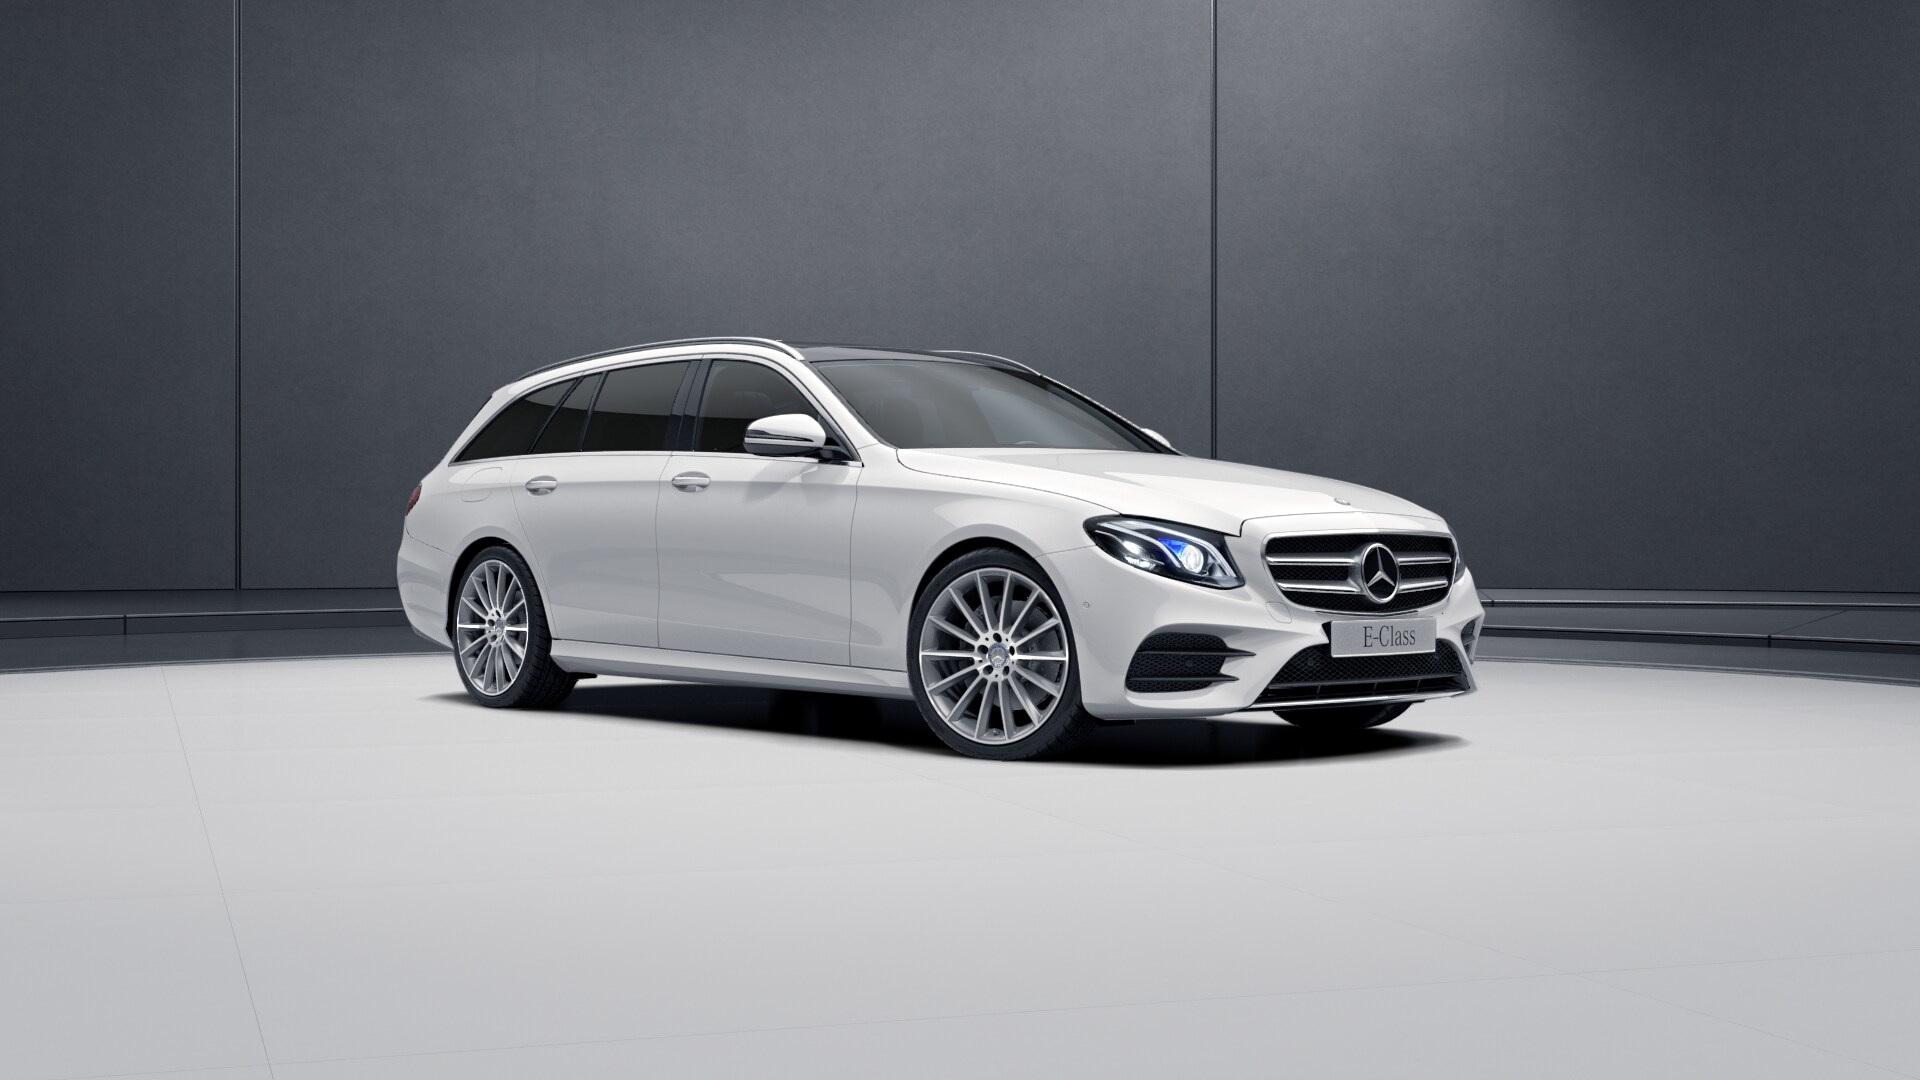 2018 mercedes benz e 300 info mercedes benz burlington for Mercedes benz bakersfield ca